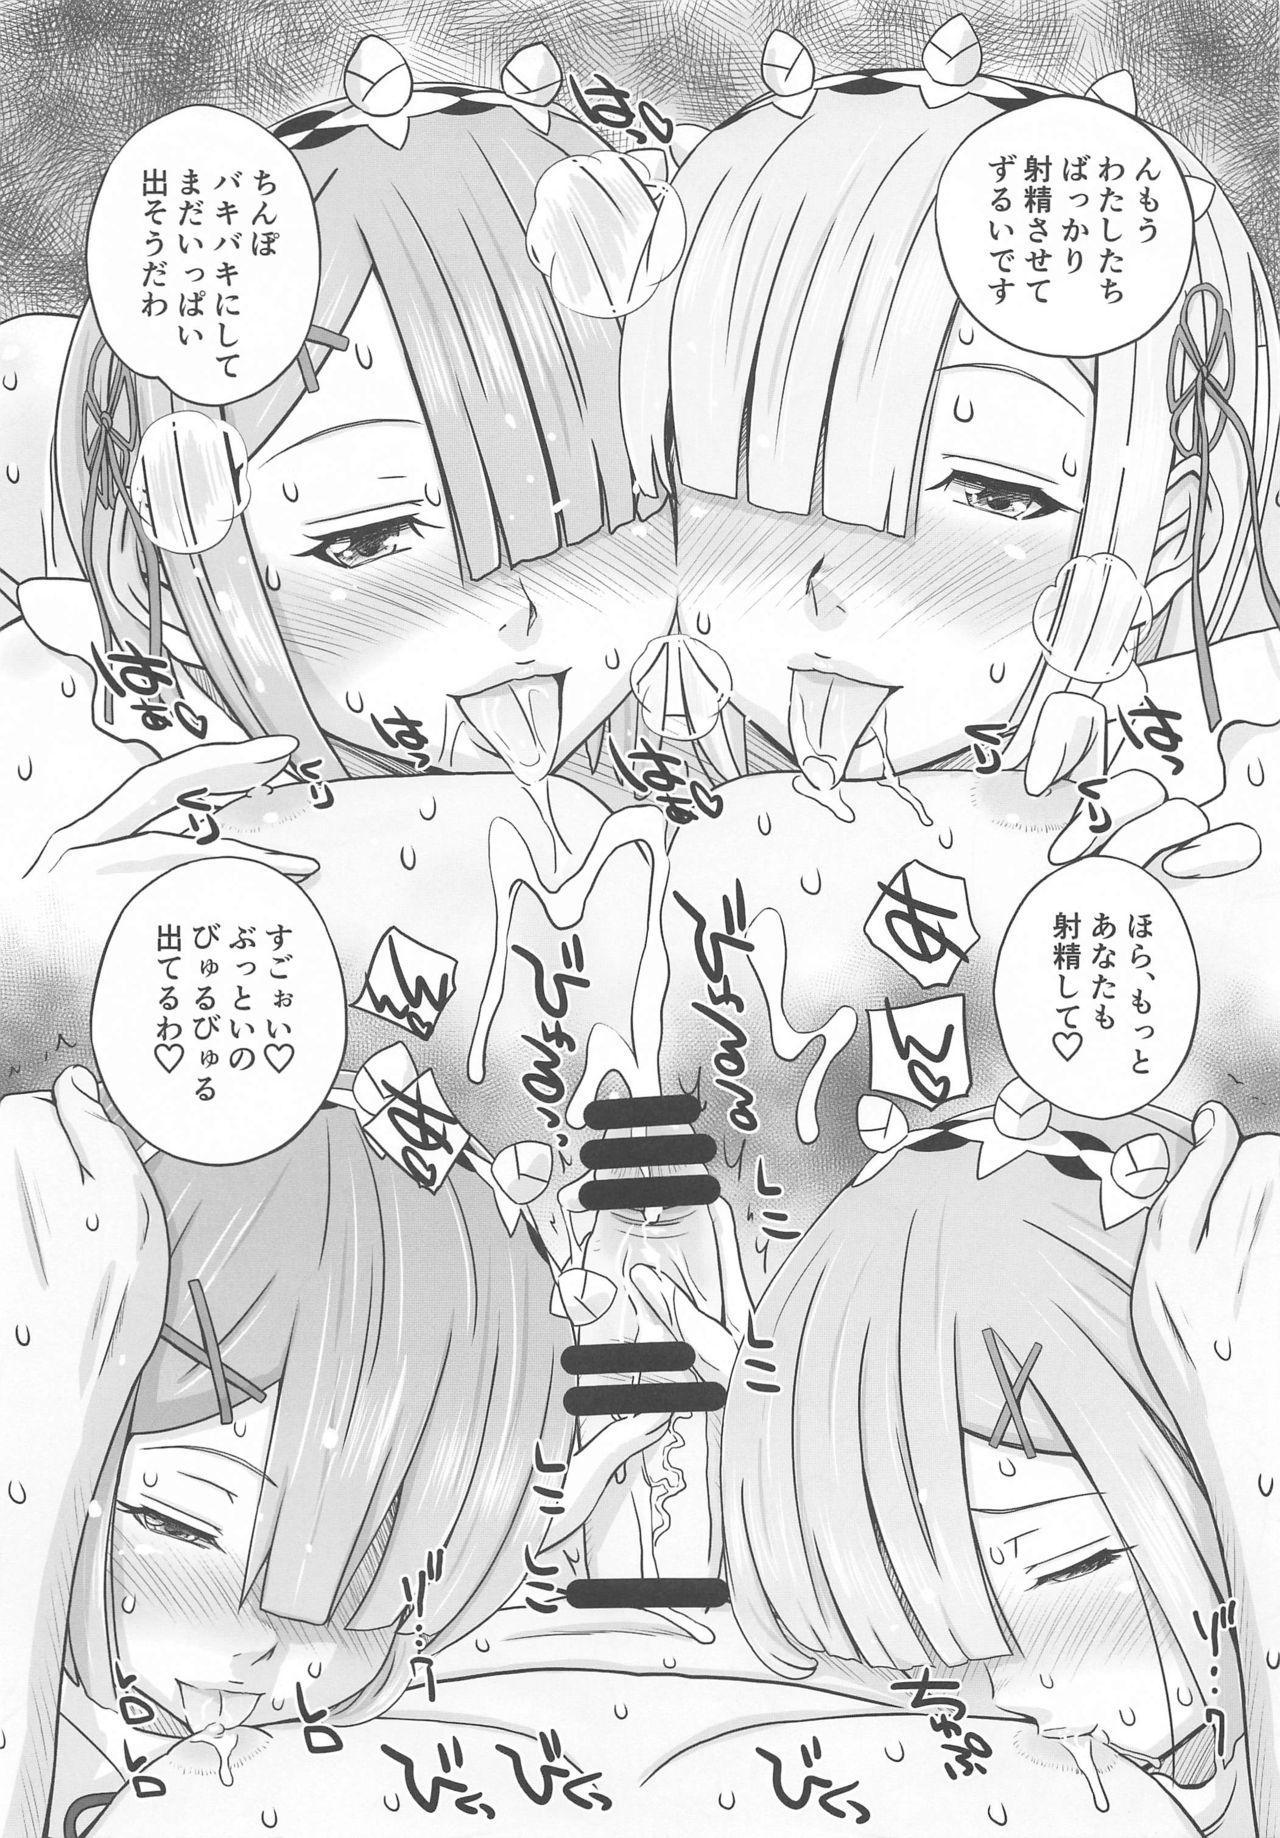 Futanari Futago Maid to 3P Dekiru Omise ga Sugokatta Ken 13